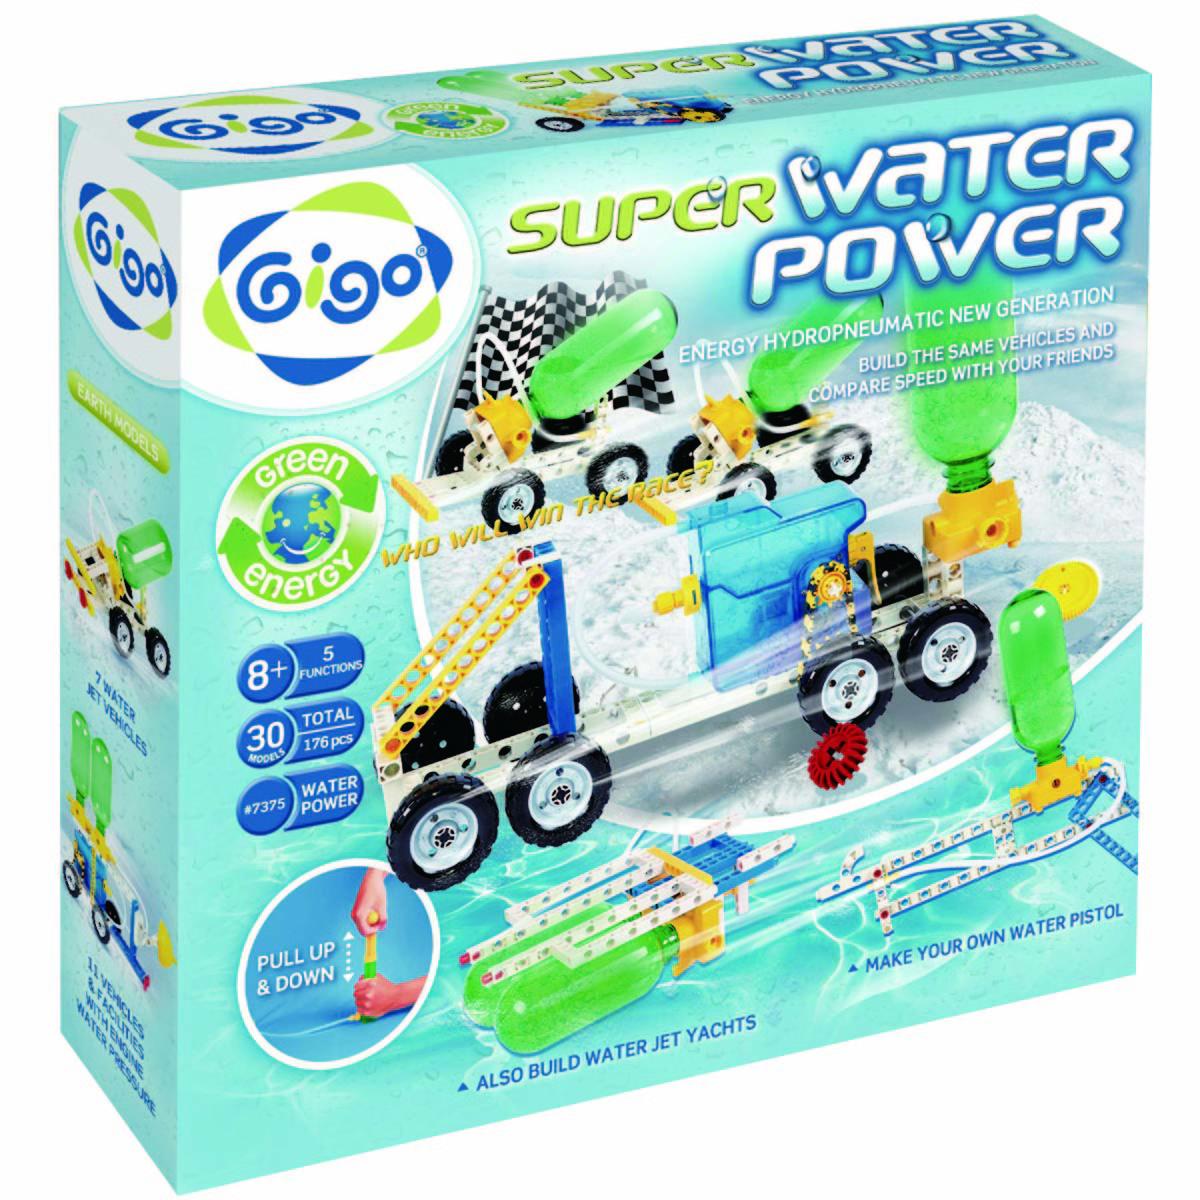 Gigo Конструктор Super water power (Гиго. Энергия воды - Макси)7375Конструктор Gigo Super water power (Гиго. Энергия воды - Макси). В наборе модели не требуют батареек, так как используют энергию давления воды и воздуха. Представлен новый гидропневматический мотор и новый большой насос. Из деталей конструктора Ваш ребенок может собрать по две одинаковые модели и устраивать с друзьями соревнование моделей.